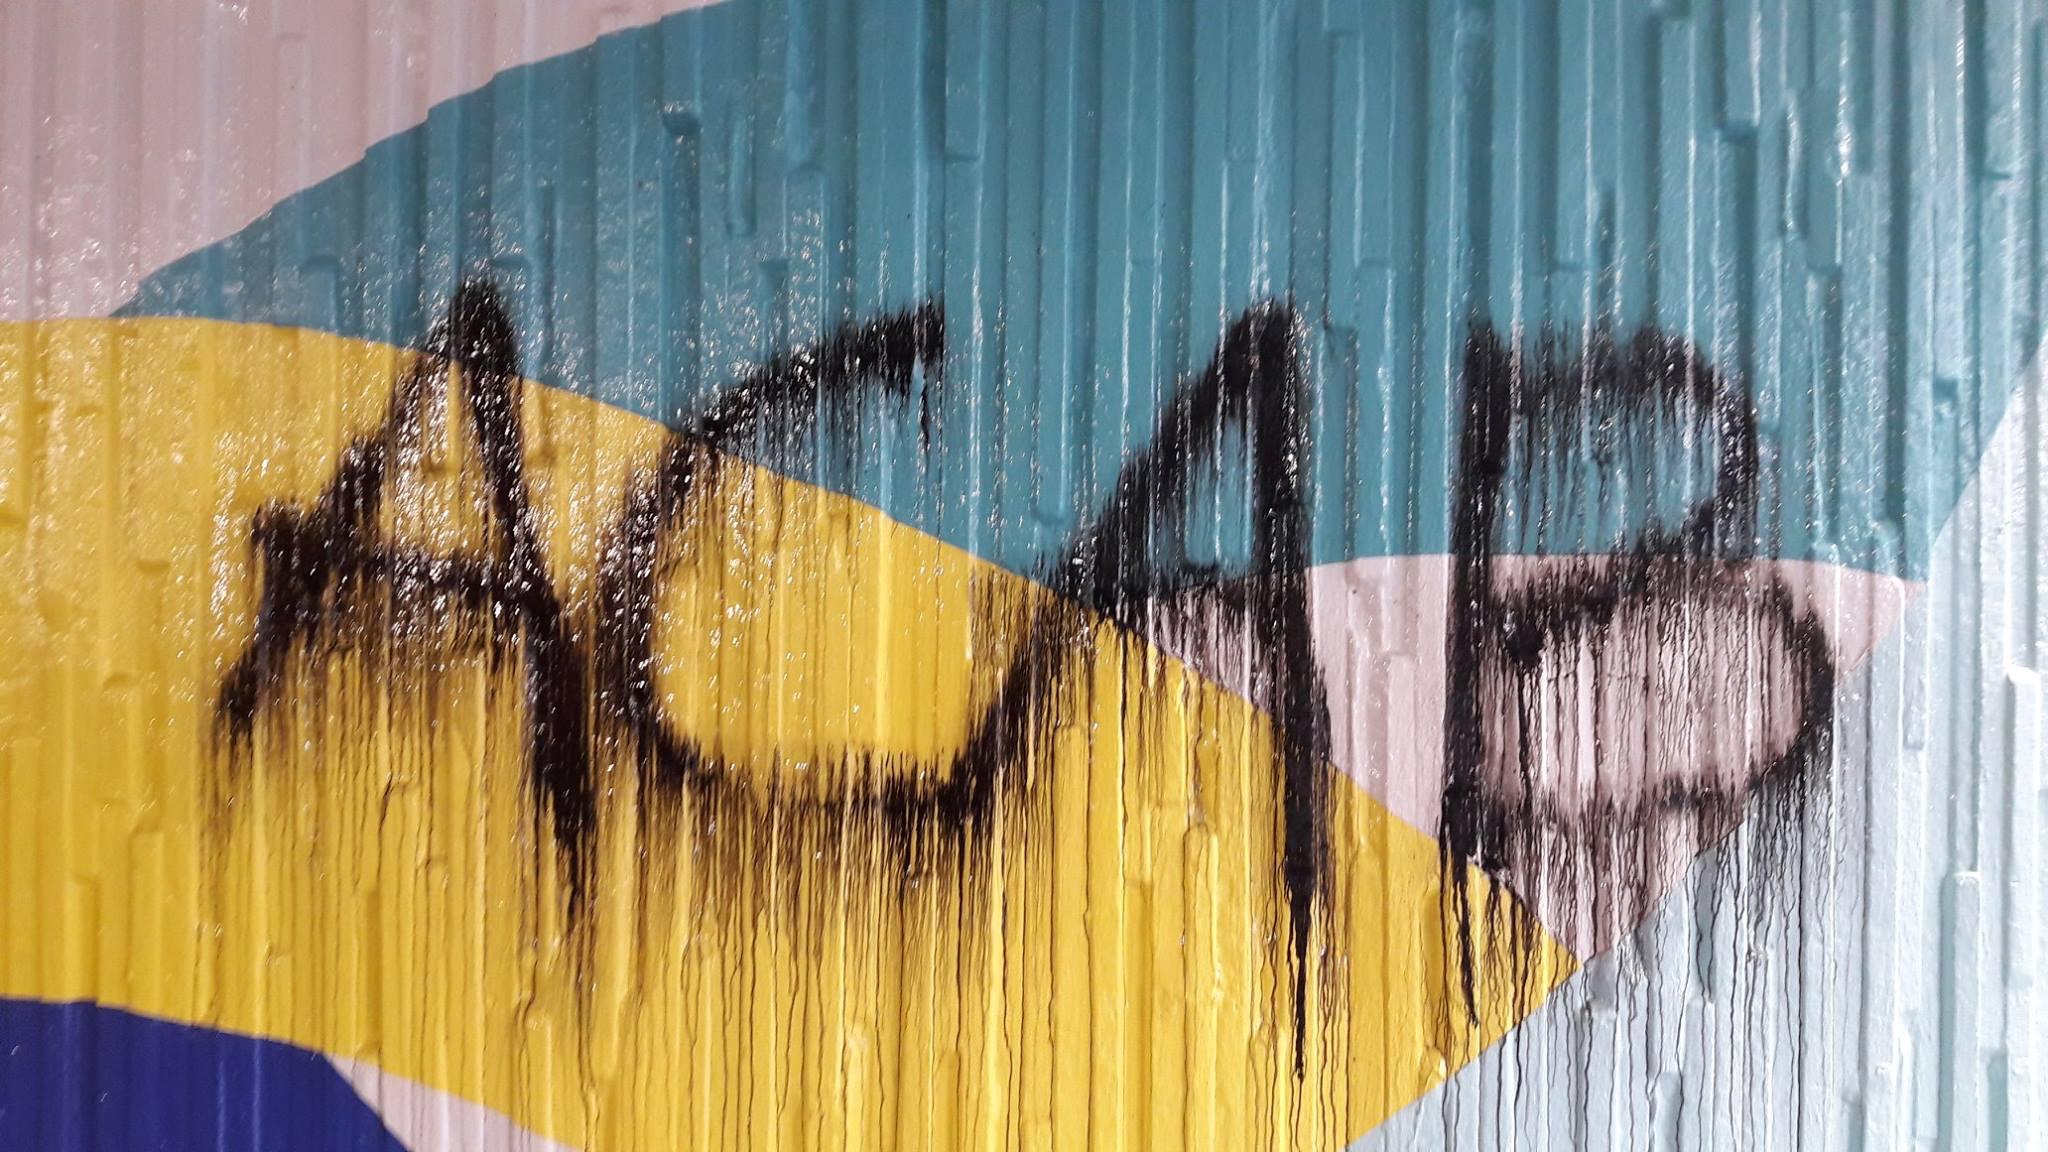 Die Graffiti Attacke wird mit einem Lösemittel eingesprüht. Sofort danach beginnt sich die Farbe zu lösen.